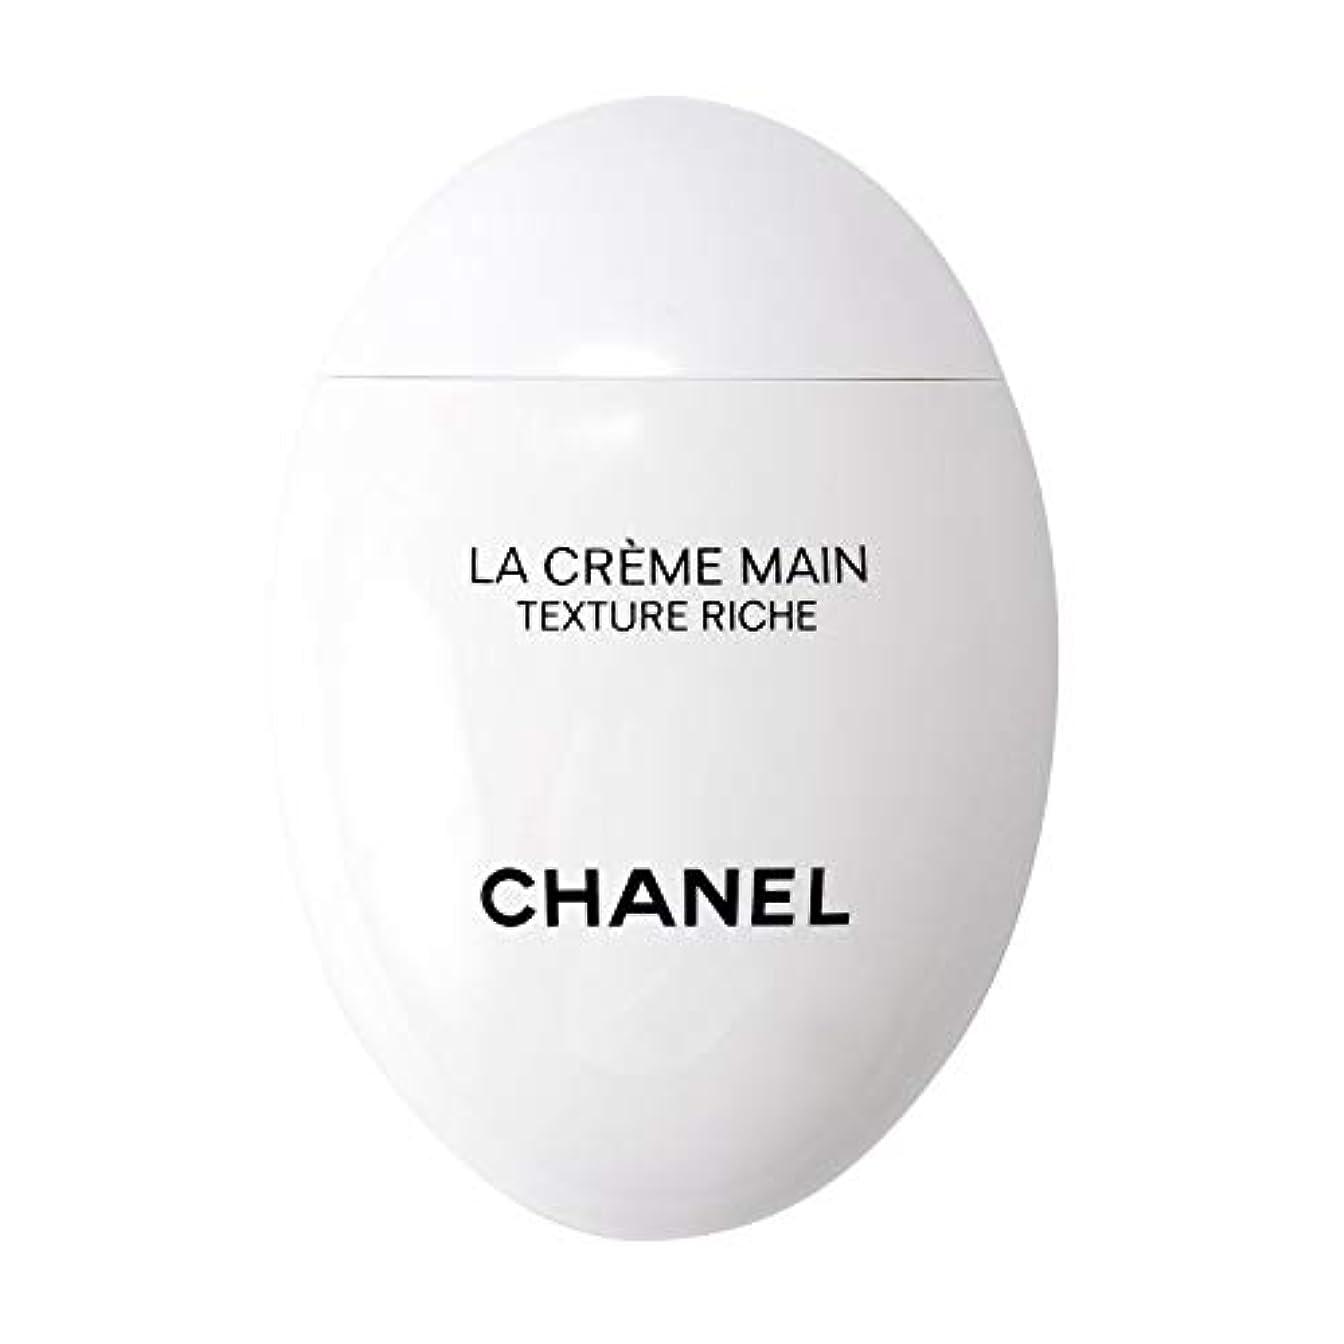 偶然のさびた報告書[ギフトラッピング] シャネル CHANEL ハンドクリーム 50ml ラ クレーム マン ショップバッグ付き (50ml)